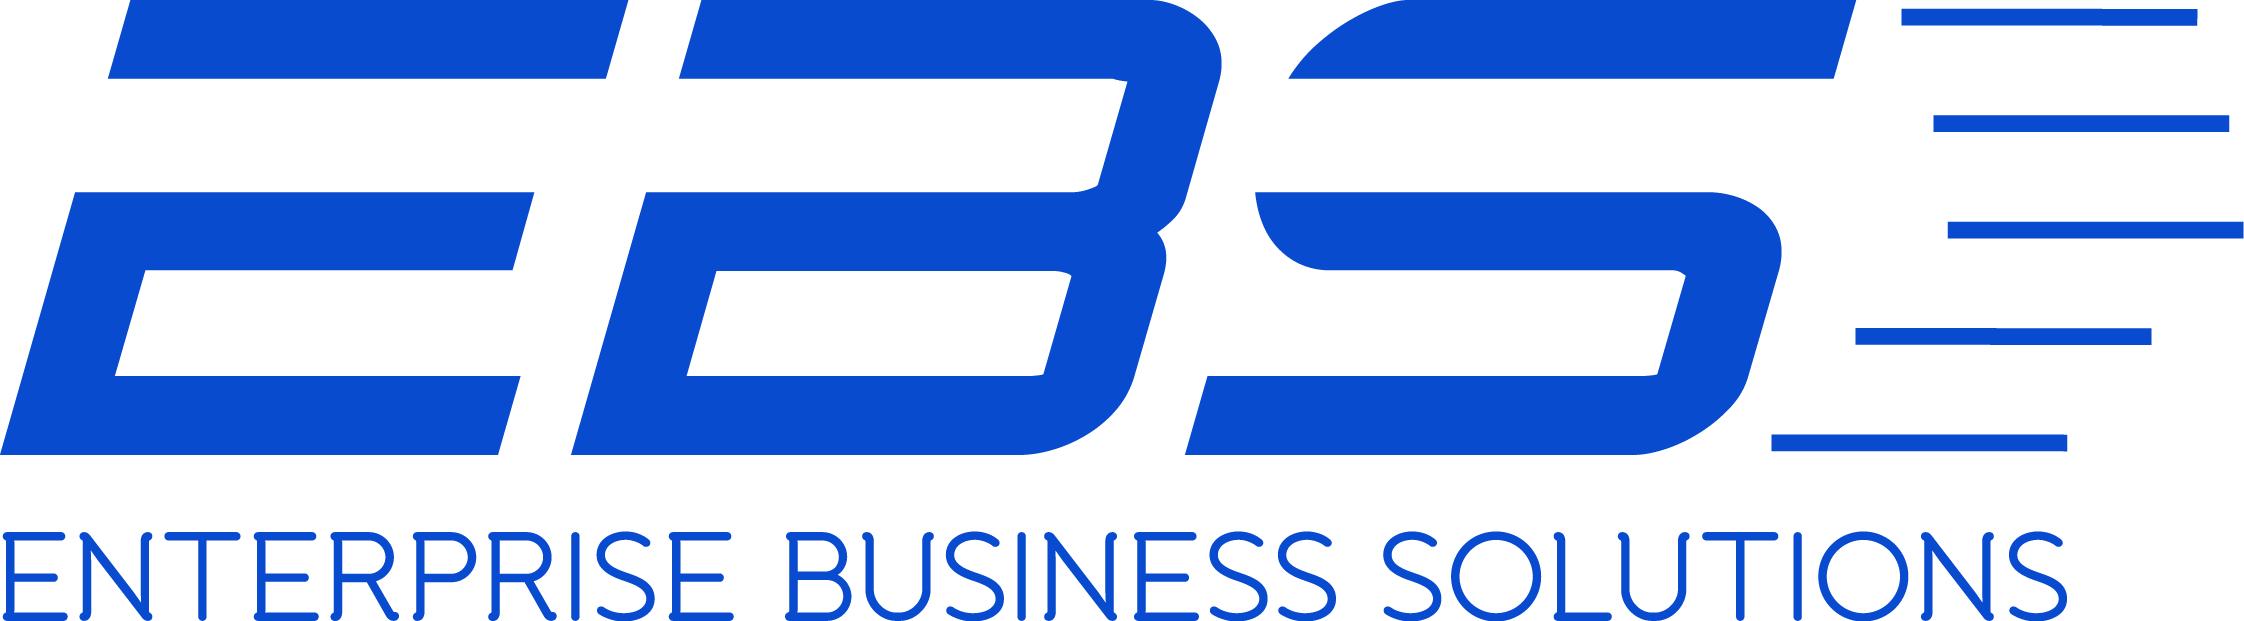 Enterprise Business Solutions - EBS LTDA